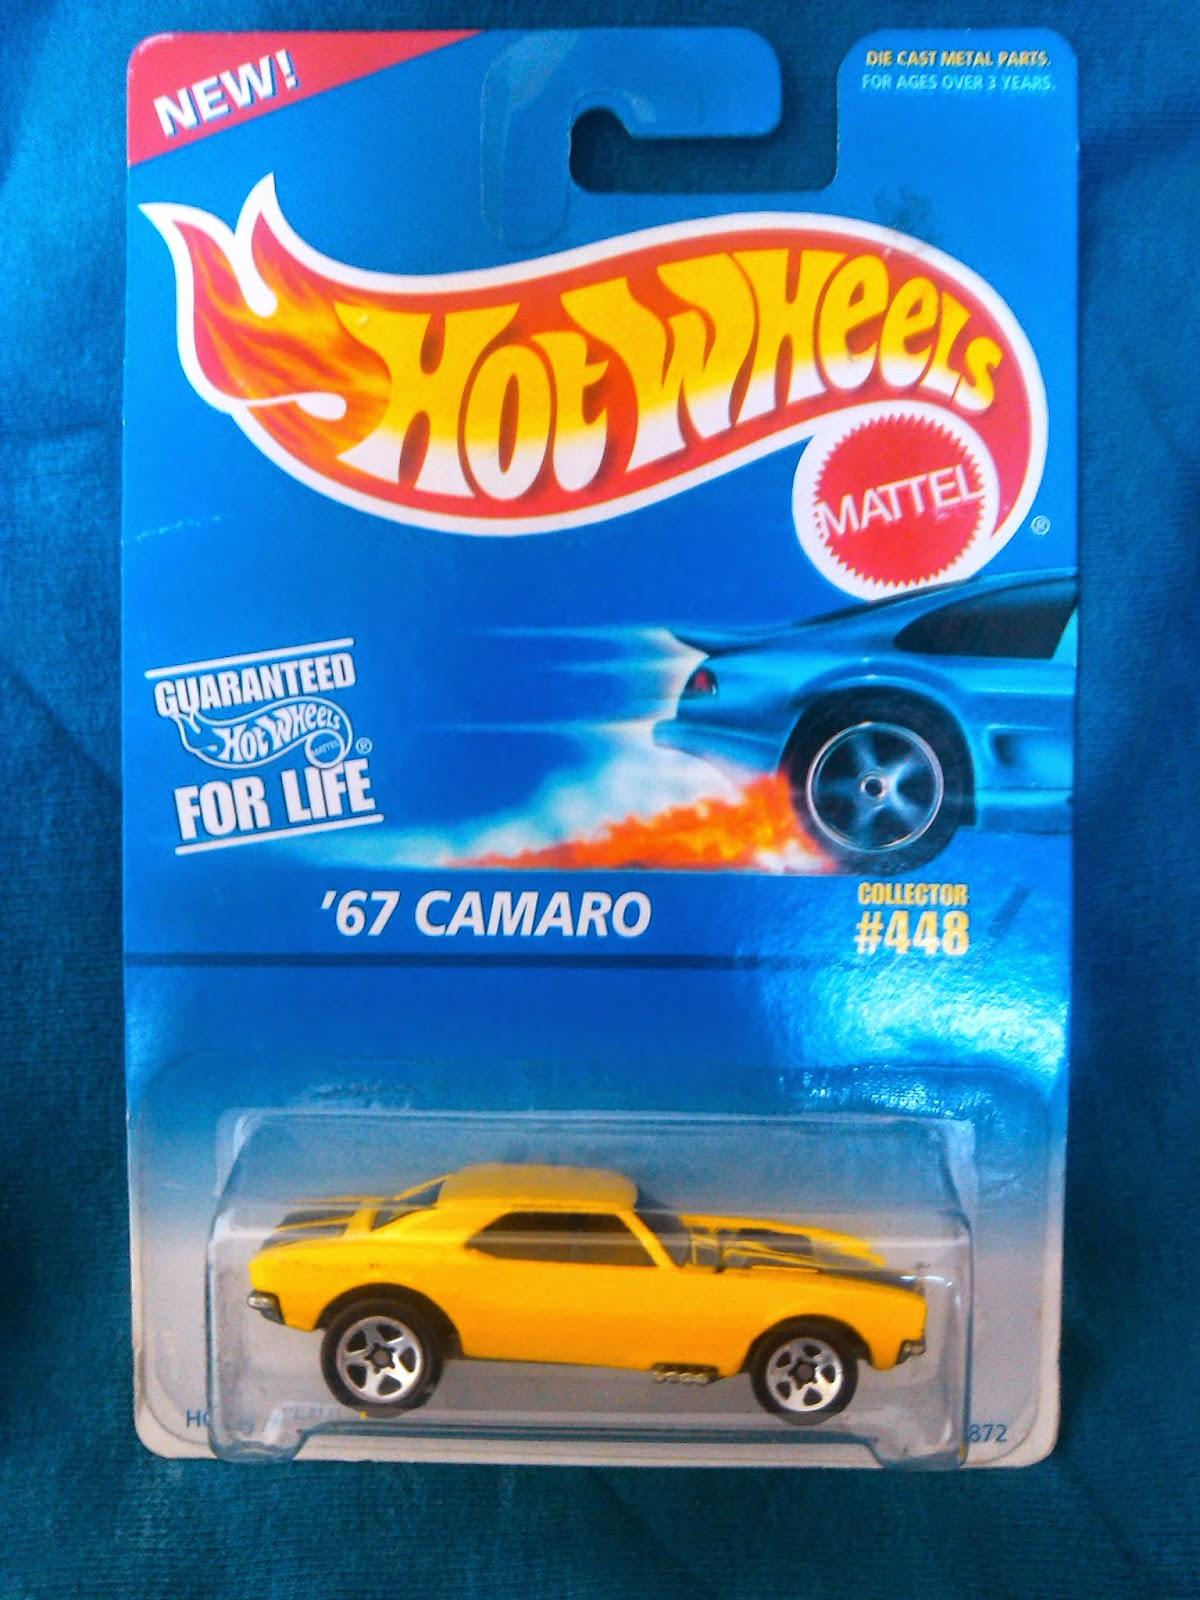 Colección Chevrolet Camaro en Blister '67+Camaro+1997+Hot+Wheels+%23448+No+Country+Base+5SP's